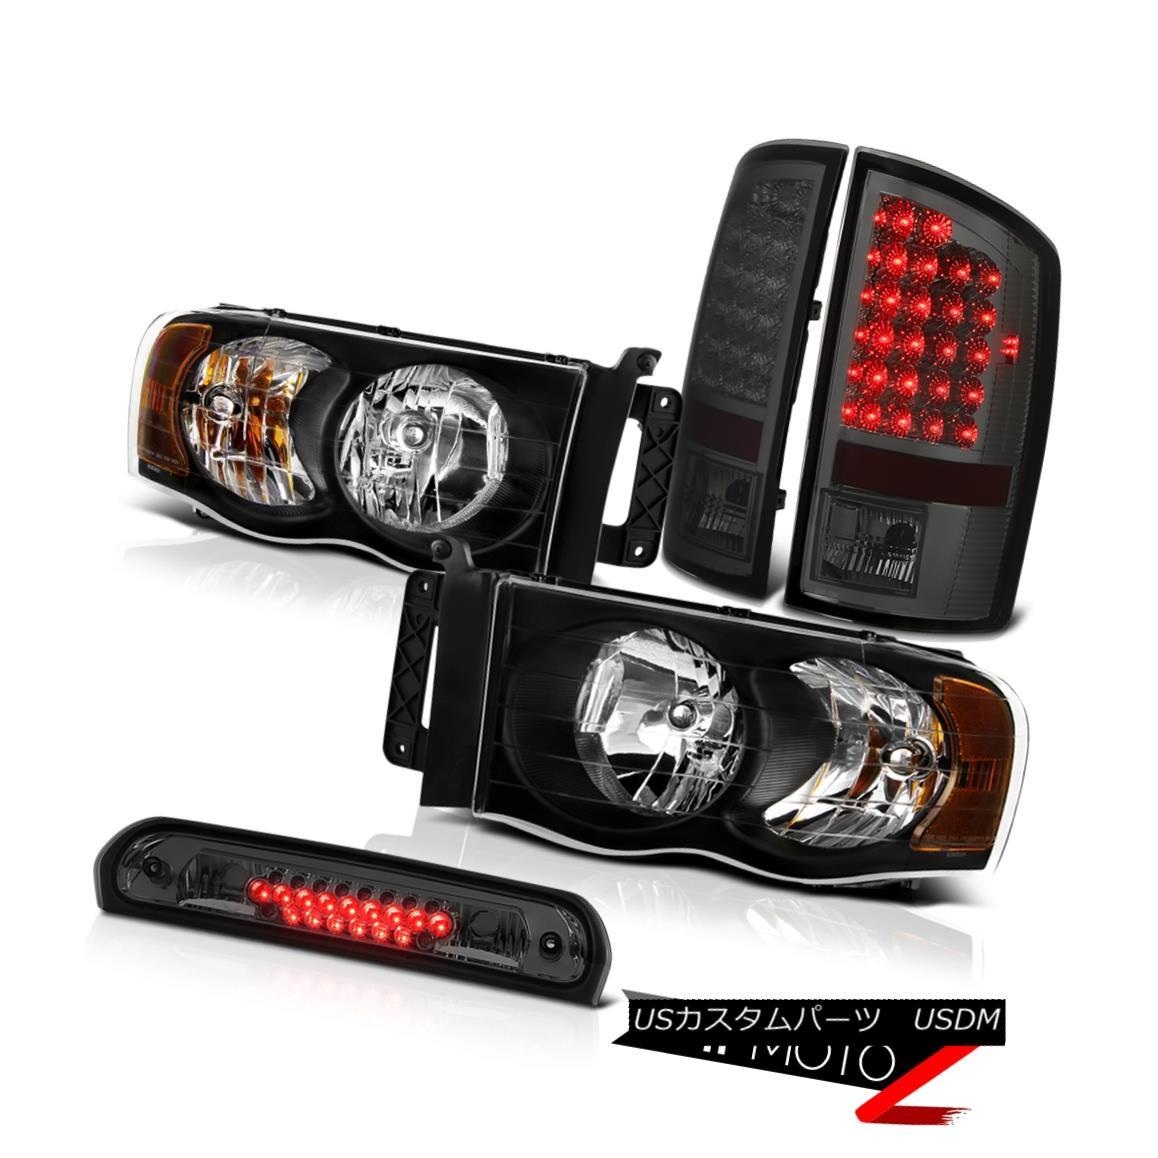 テールライト Inky Black Headlights Smoke Brake Tail Lights Third Cargo LED 02-05 Dodge Ram WS Inky BlackヘッドライトスモークブレーキテールライトThird Cargo LED 02-05 Dodge Ram WS